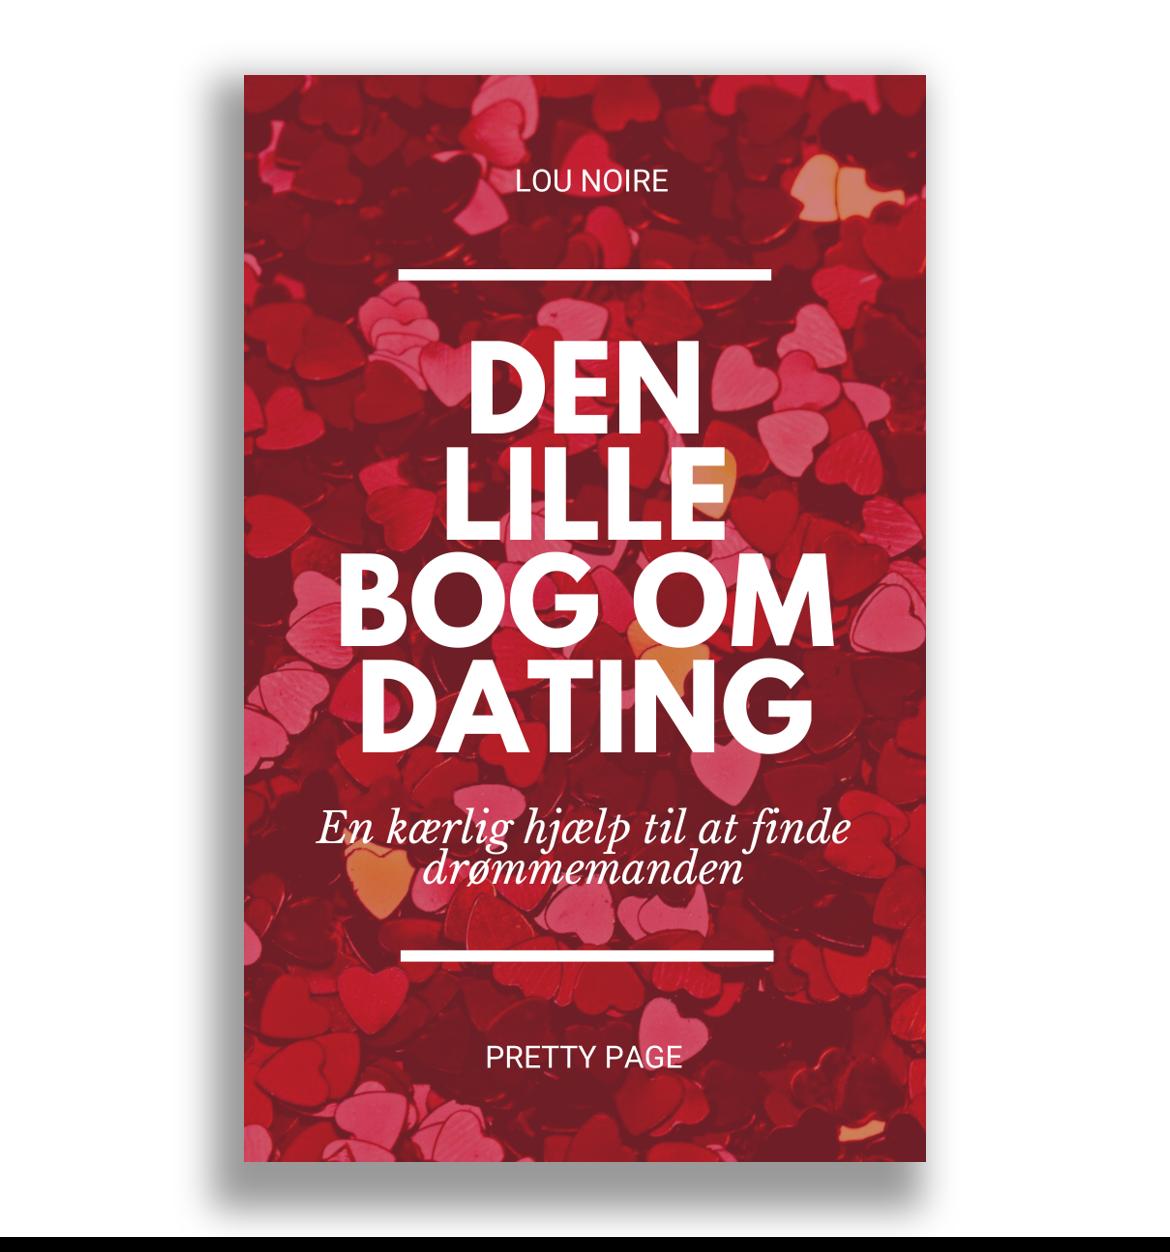 Bog dating profil eksempel